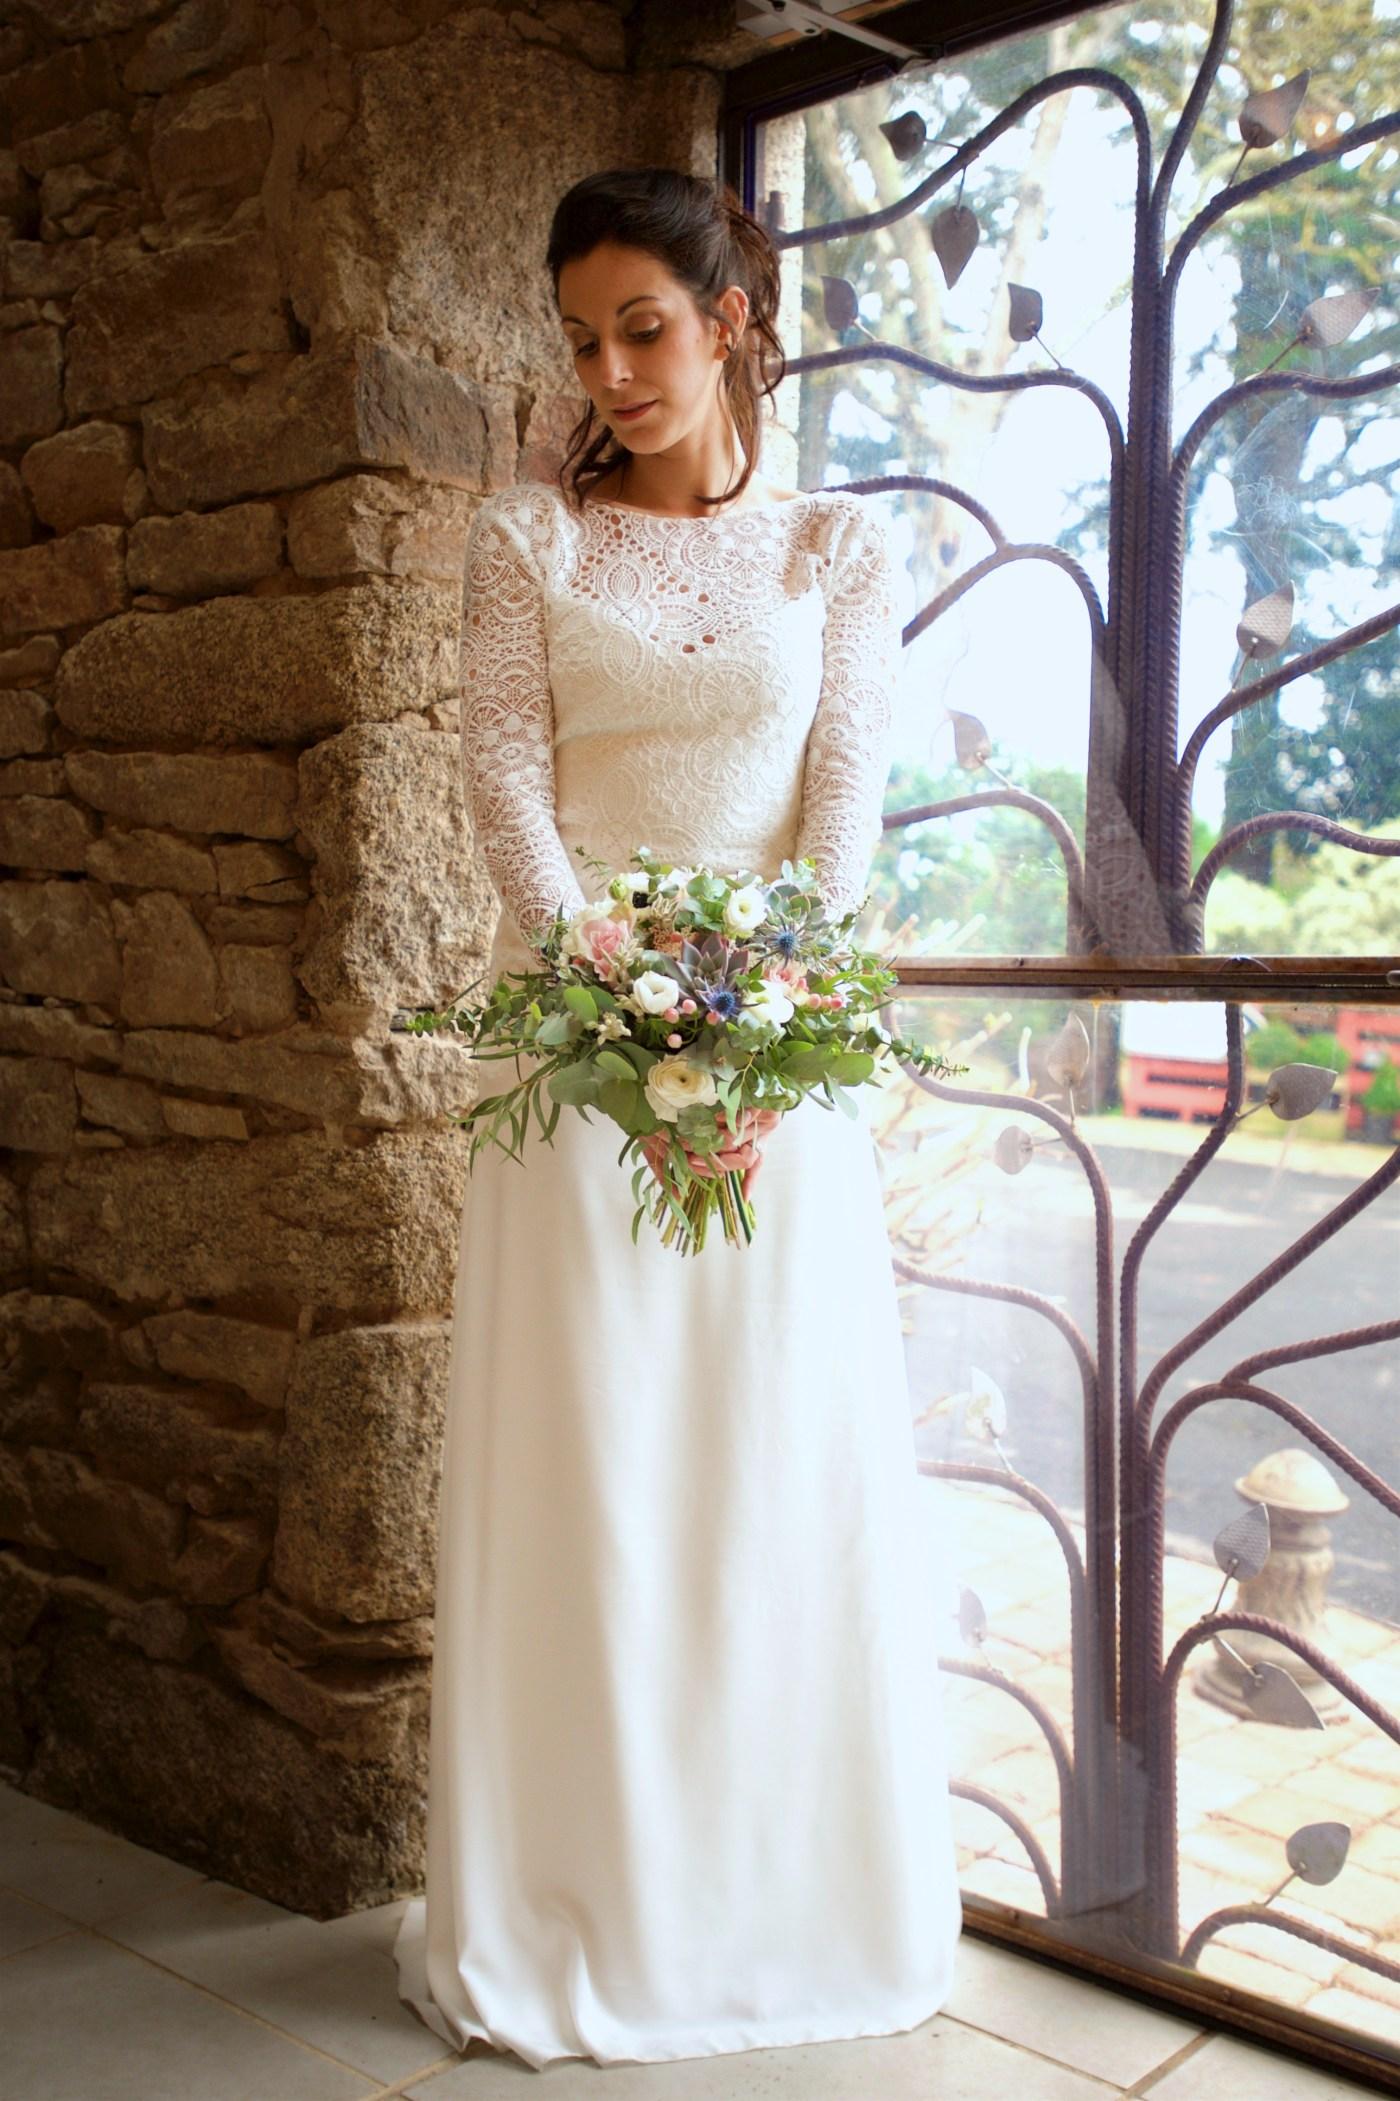 Robe de mariée: Claudine, Robes de mariée et jolies choses